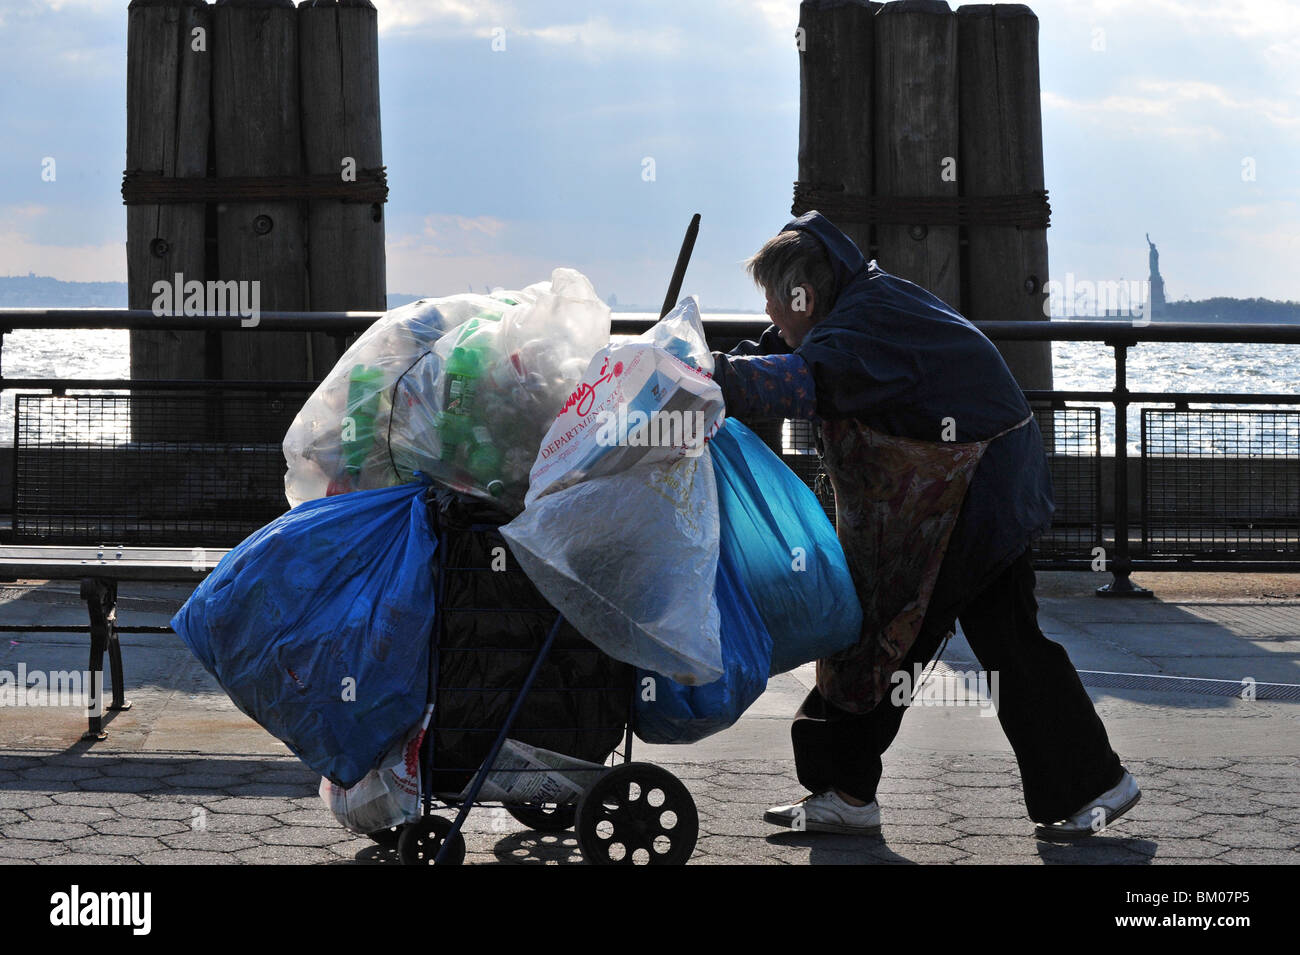 La pobreza sin hogar de la Estatua de la libertad N.Y Battery Park Manhattan, Nueva York, EE.UU. Imagen De Stock